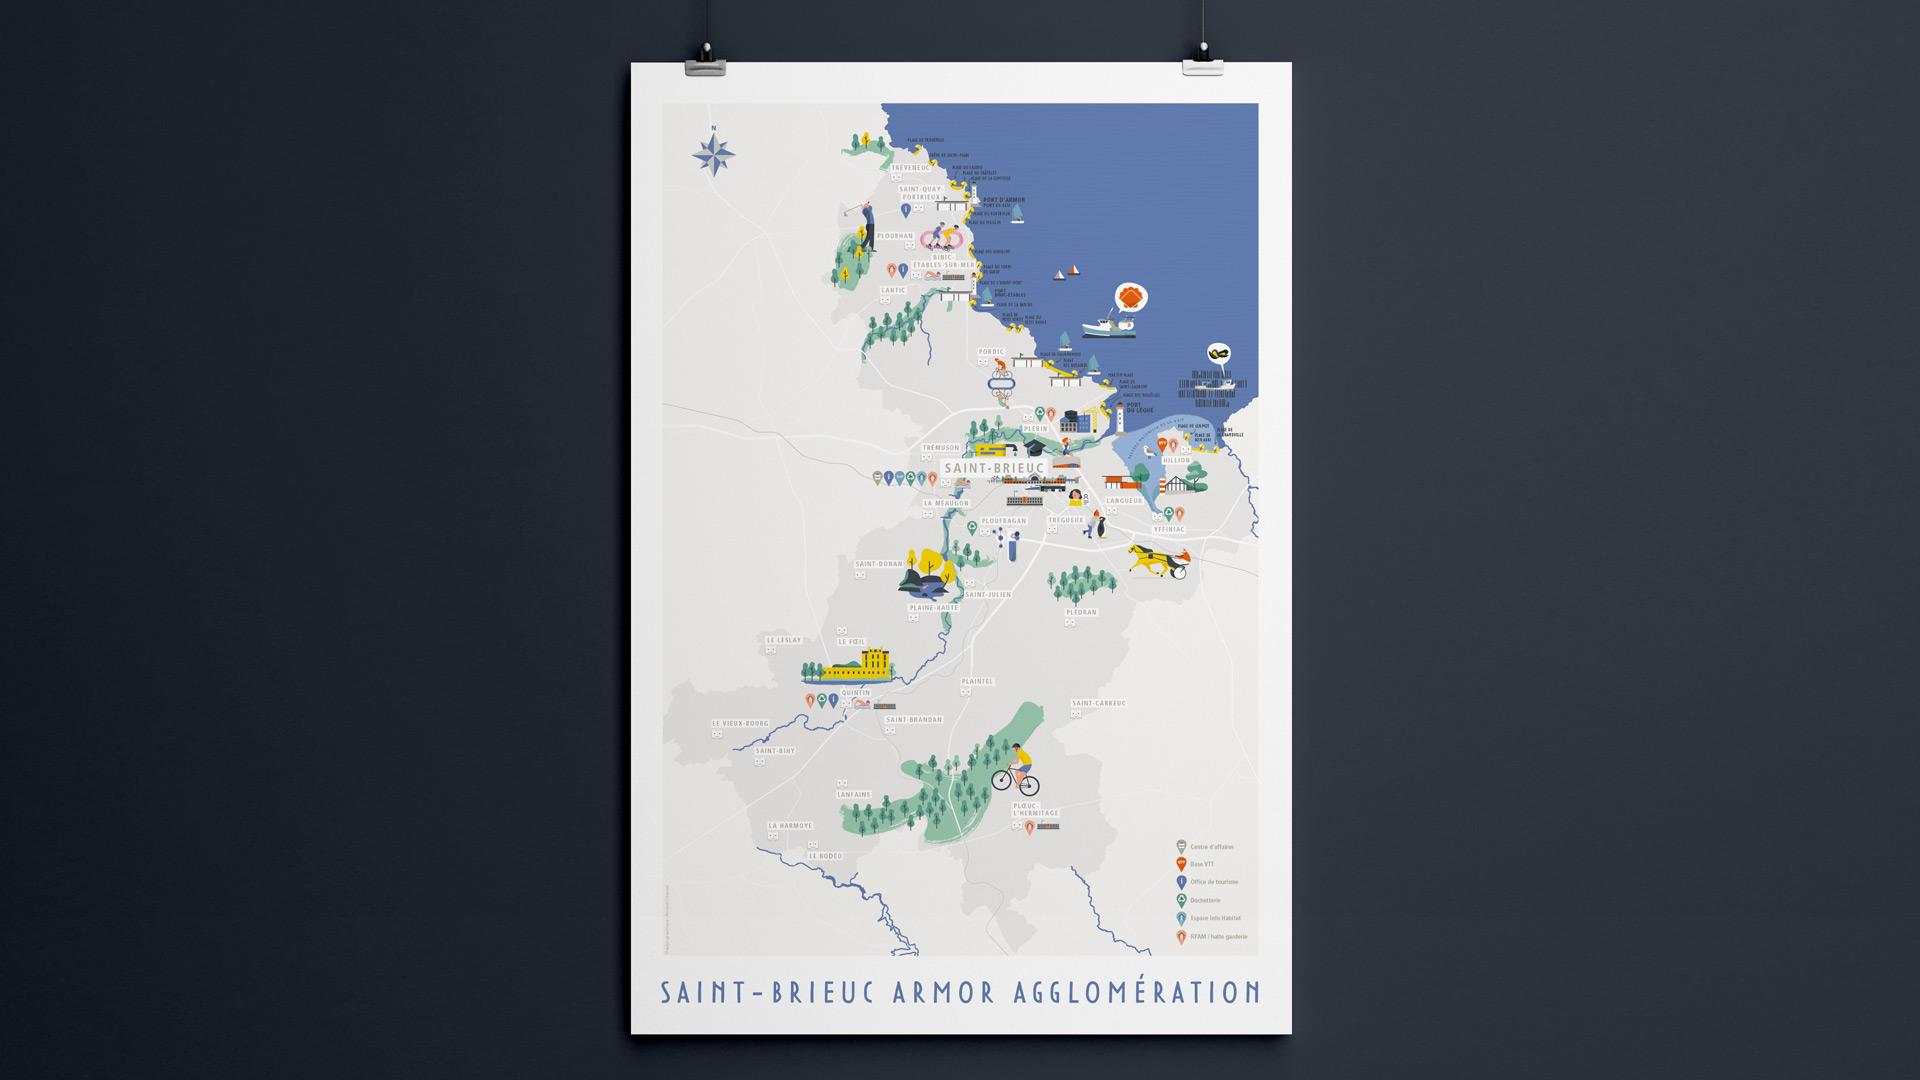 agglomeration-ville-saint-brieuc-cotes-armor-tourisme-mer-carte-map-affiche-illustration